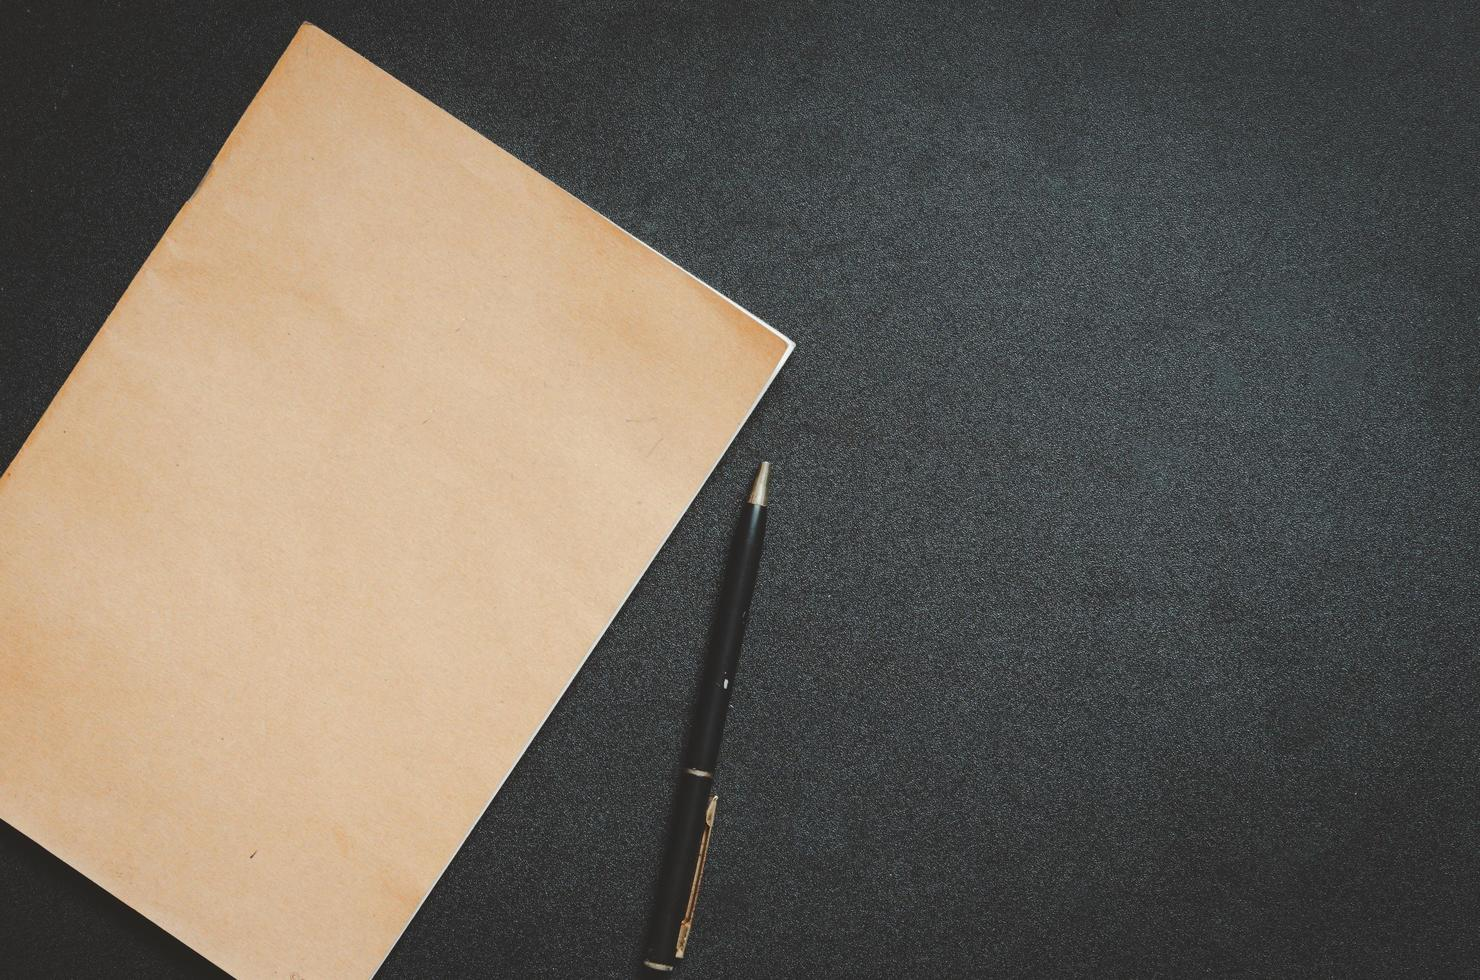 blocco note marrone e penna su una scrivania nera foto